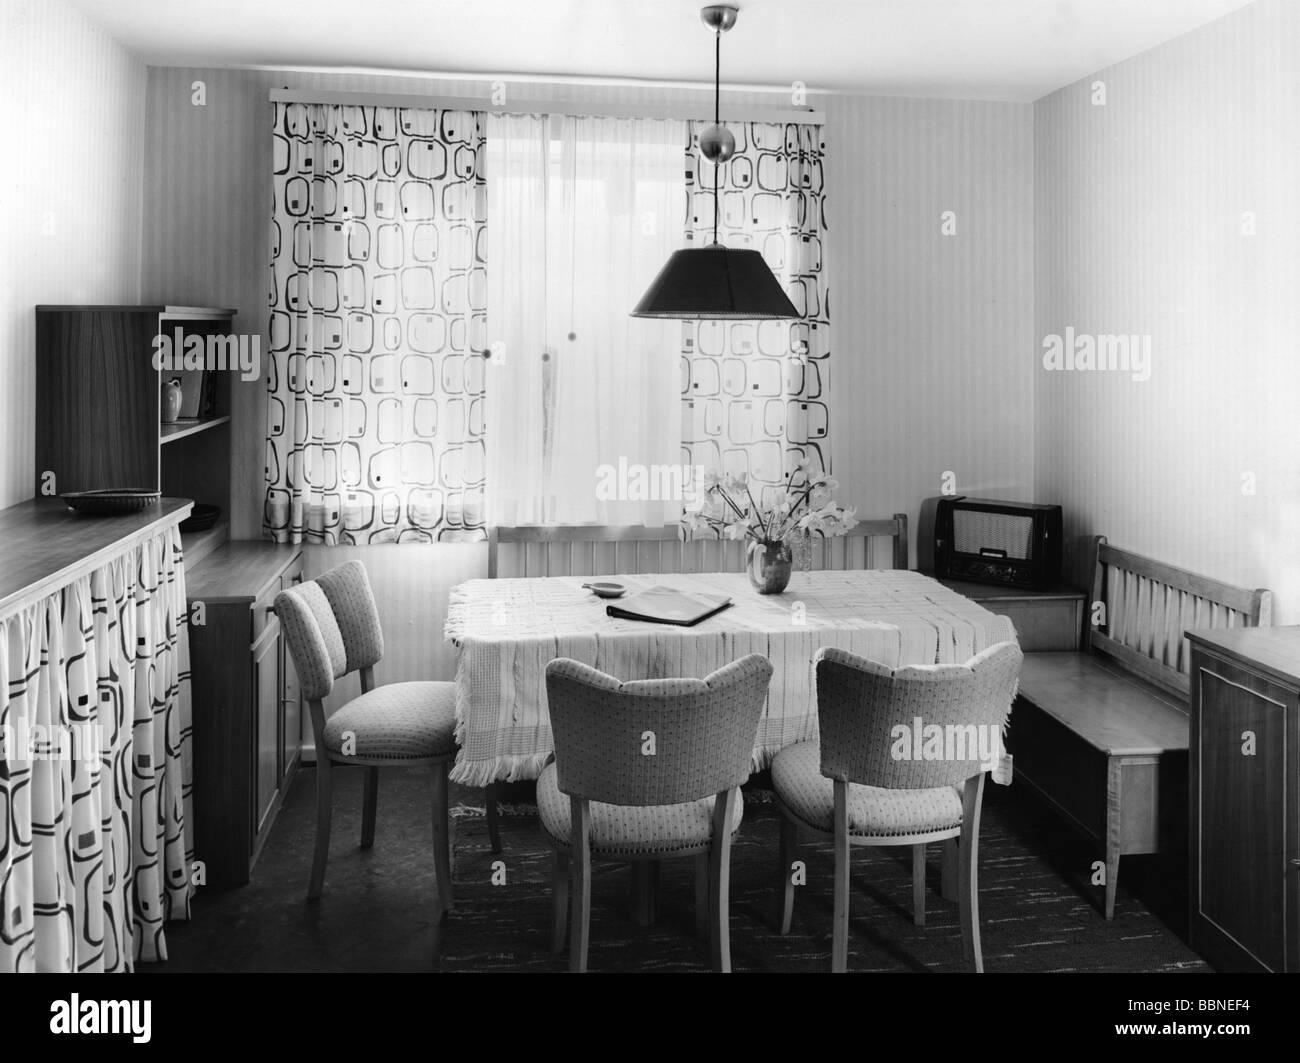 Wohnung, Esszimmer, Sitzecke mit Radio, 50s, 50s, Möbel, Rundfunk, Sitzen, Stühle, Tisch, Vorhang, 20. Stockbild